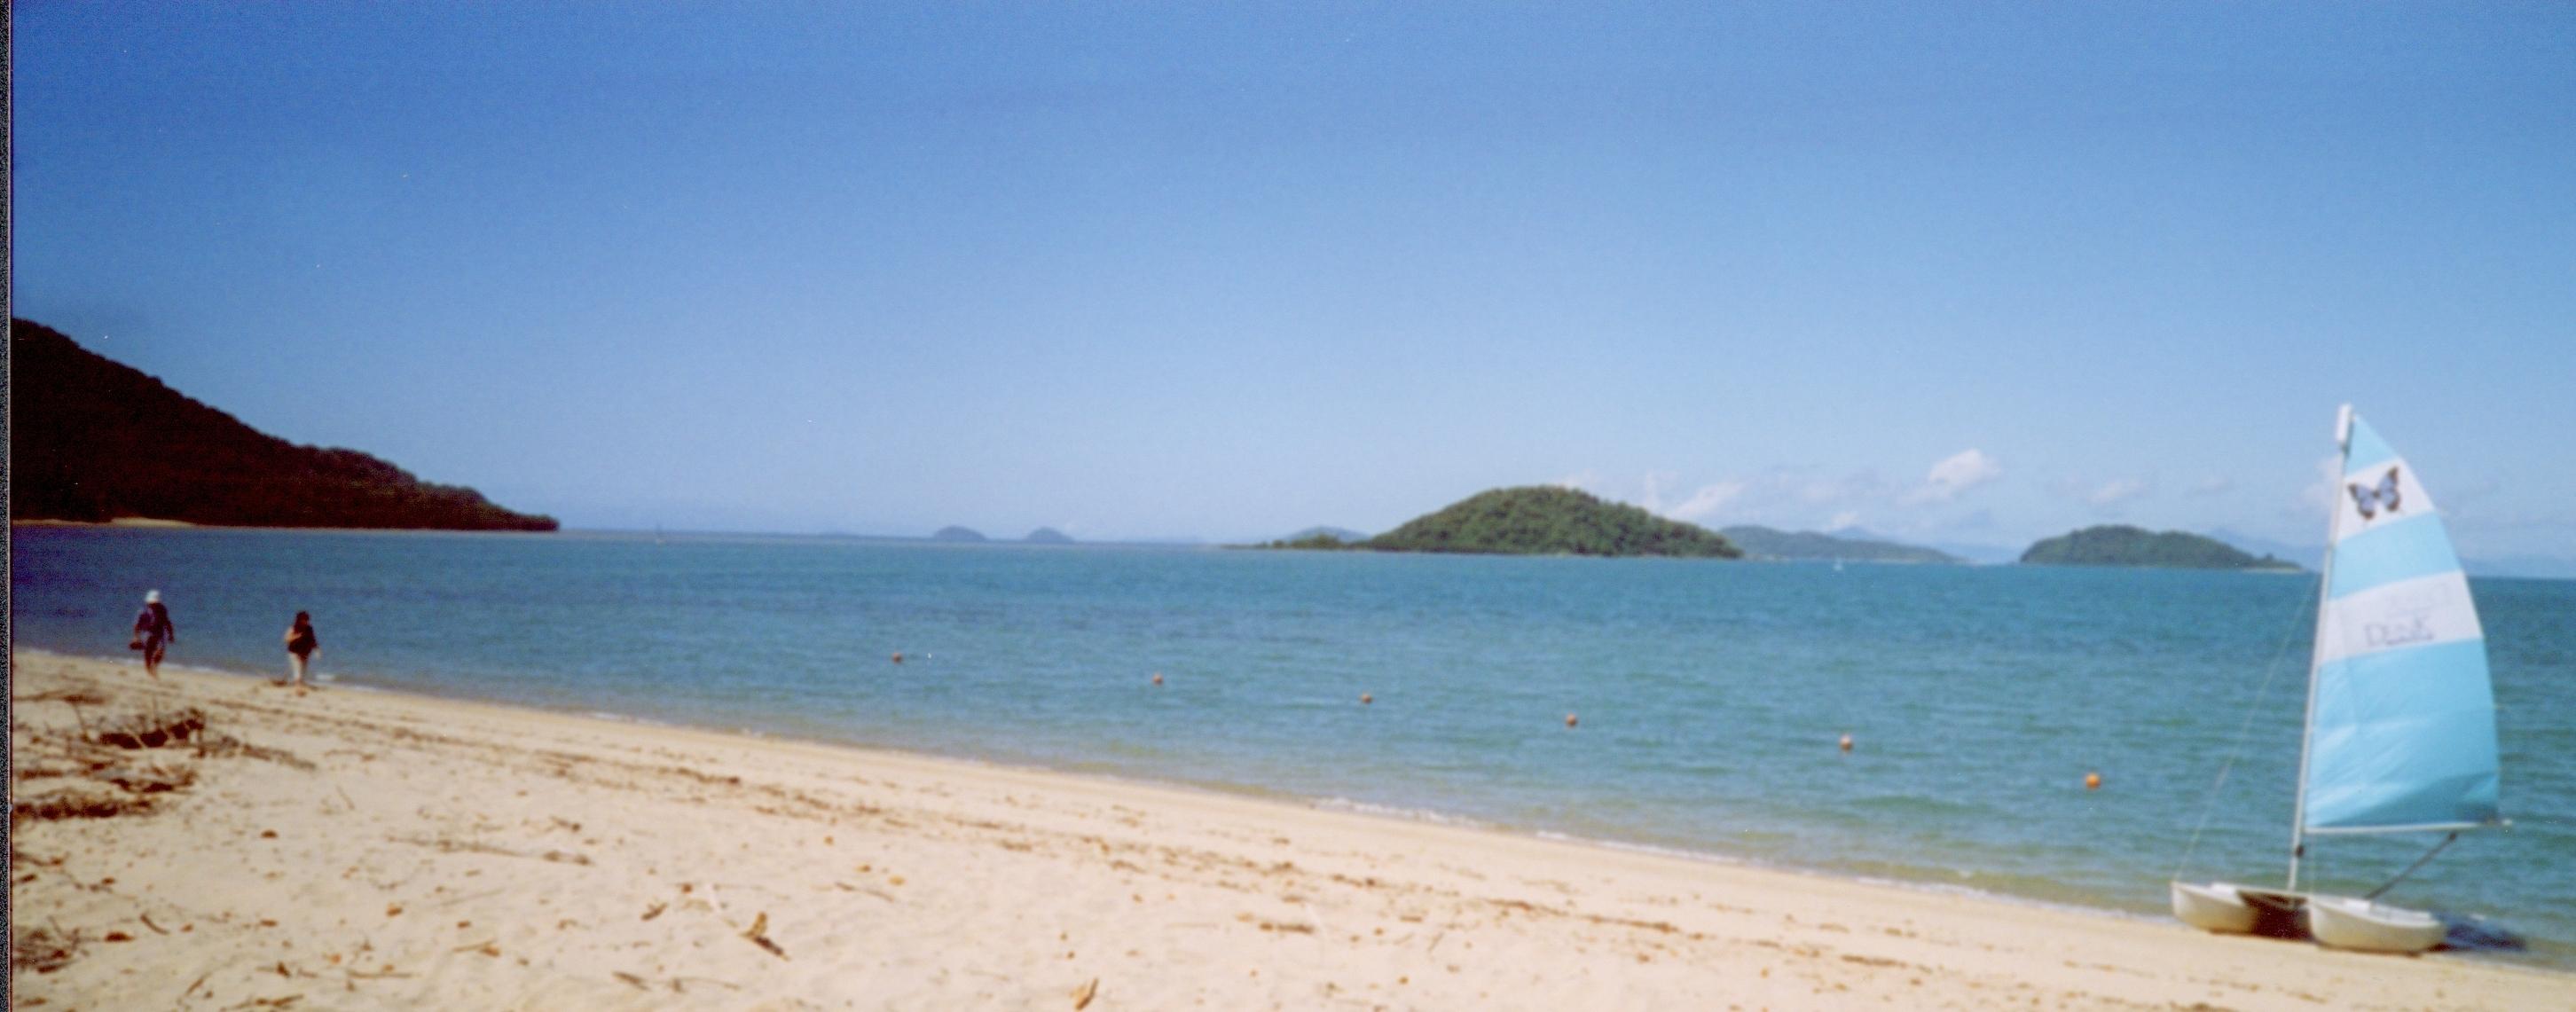 Dunk Island Australia Destroyed: Dunk Island, Queensland, August 2003